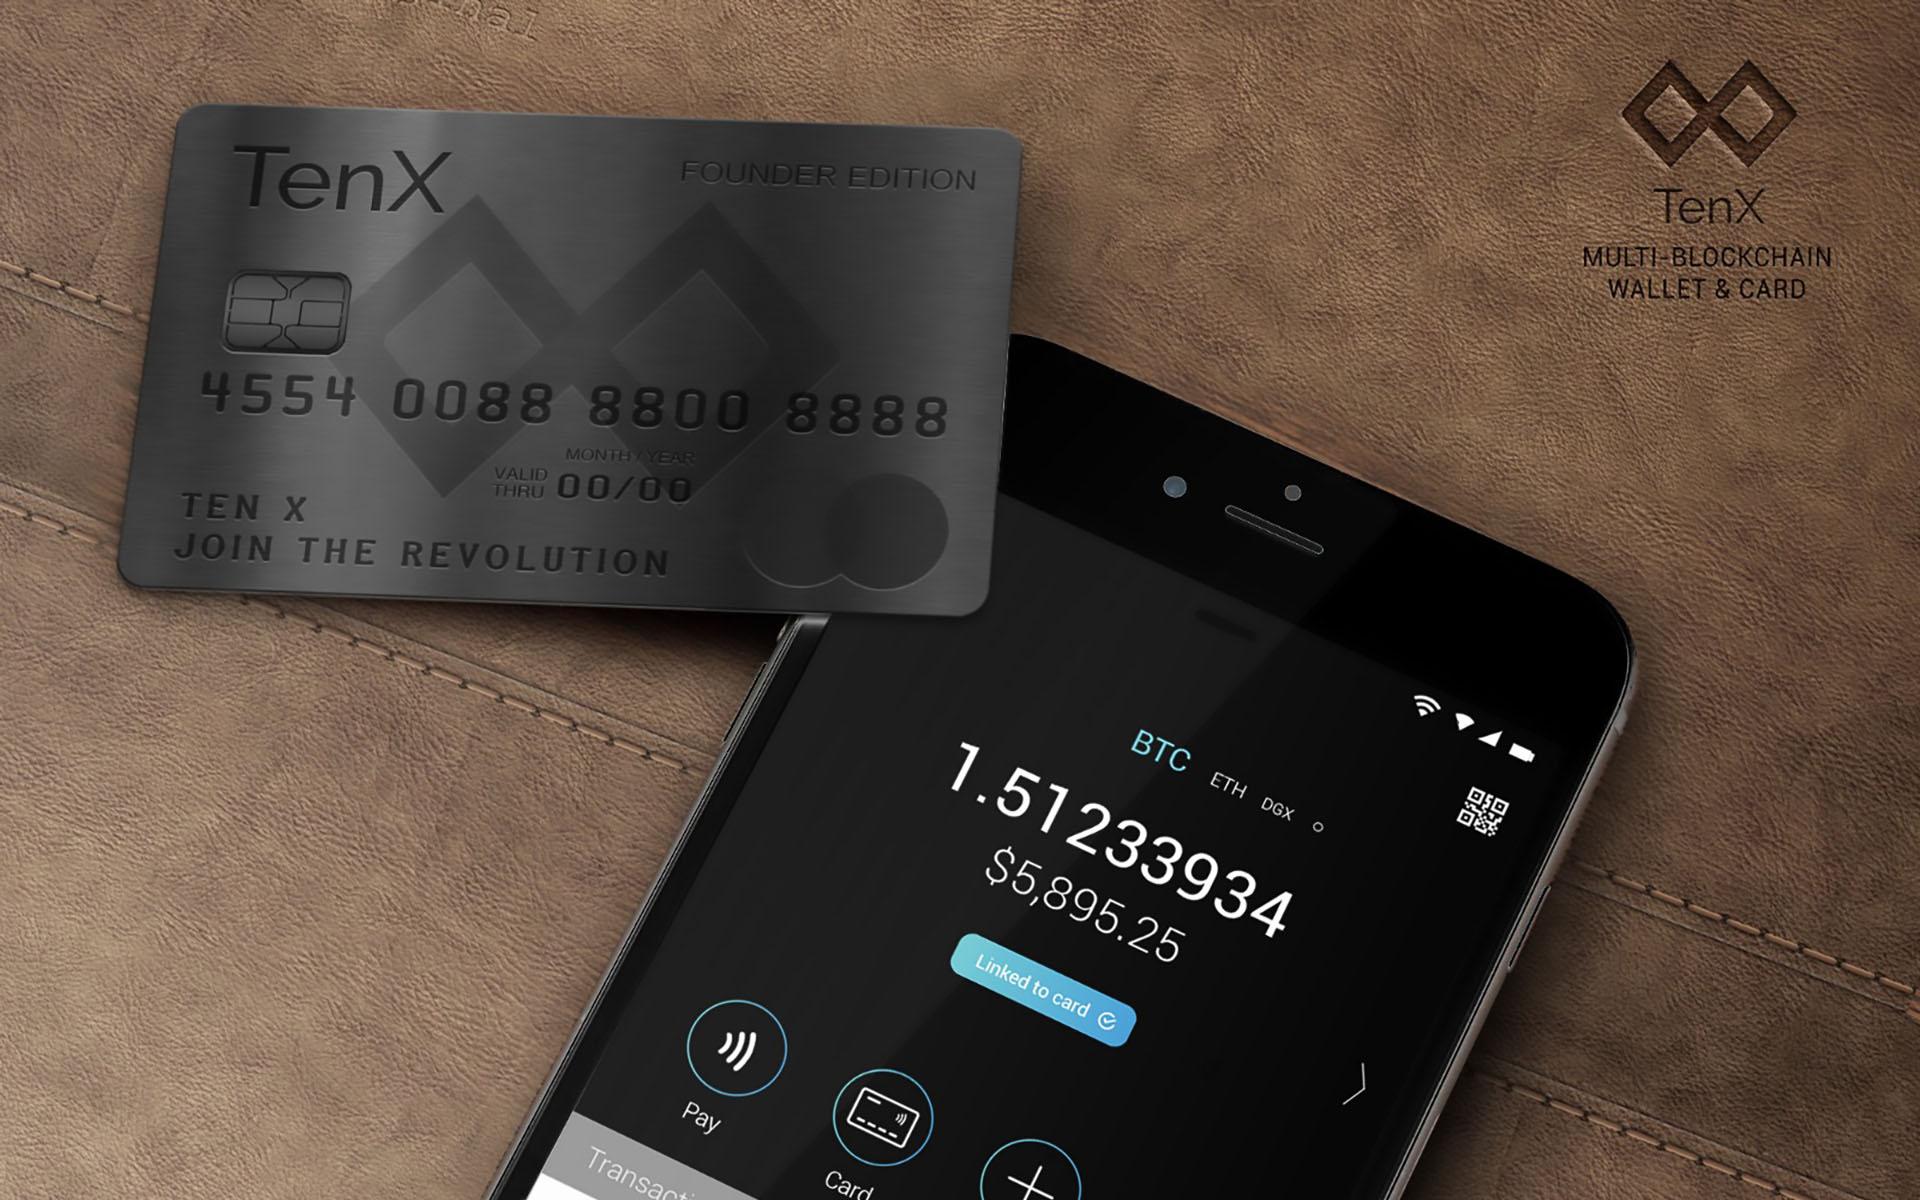 TenX raises $34 million in 7minutes